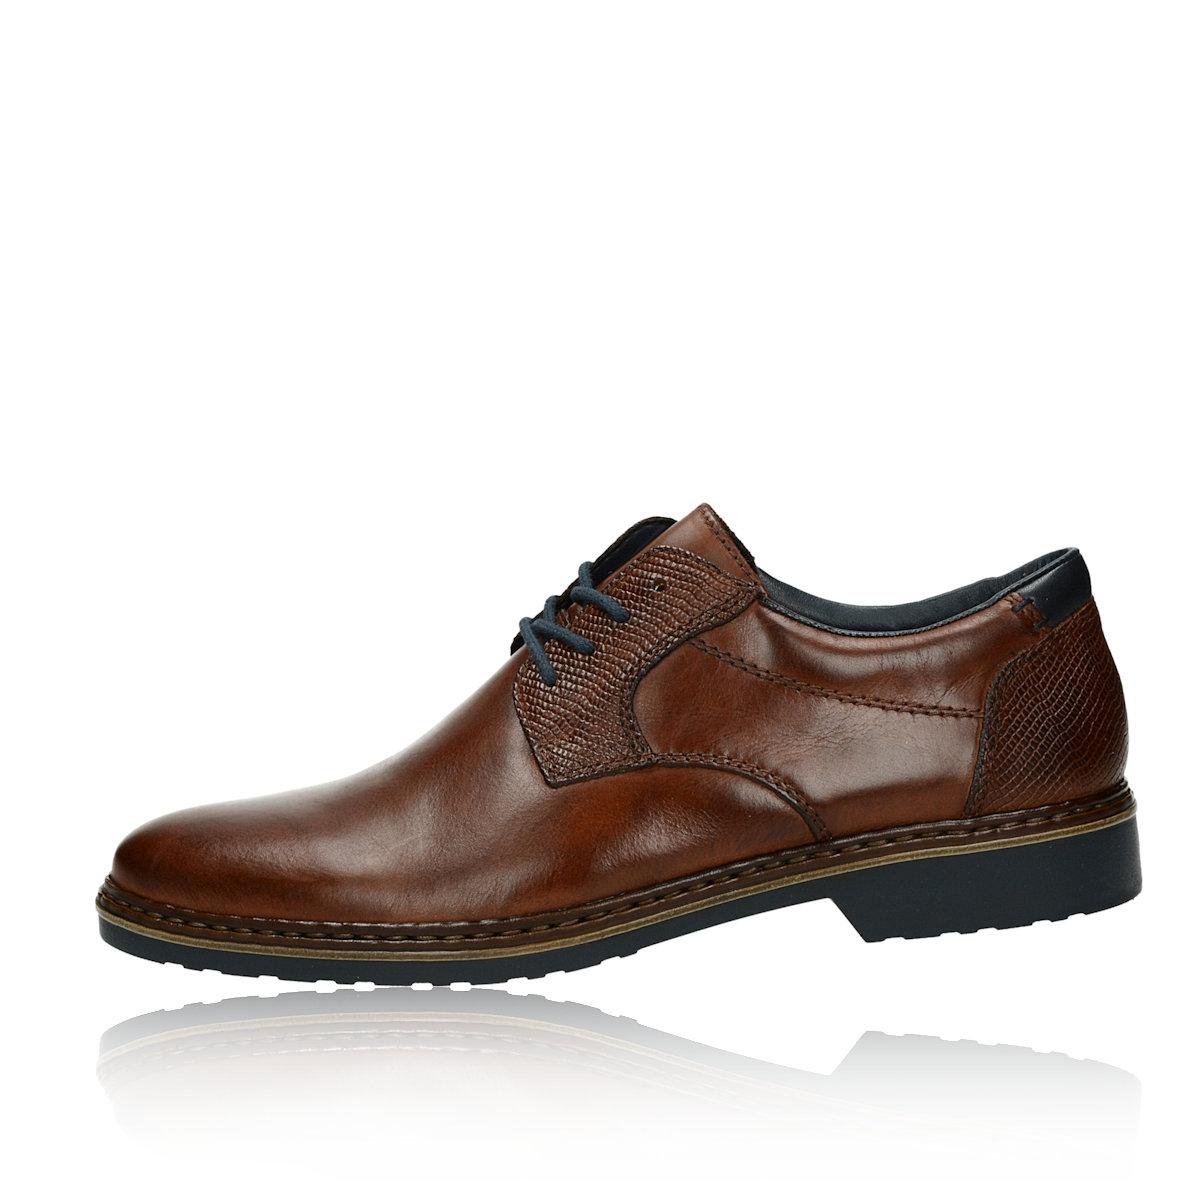 Rieker pánske kožené spoločenské topánky - hnedé